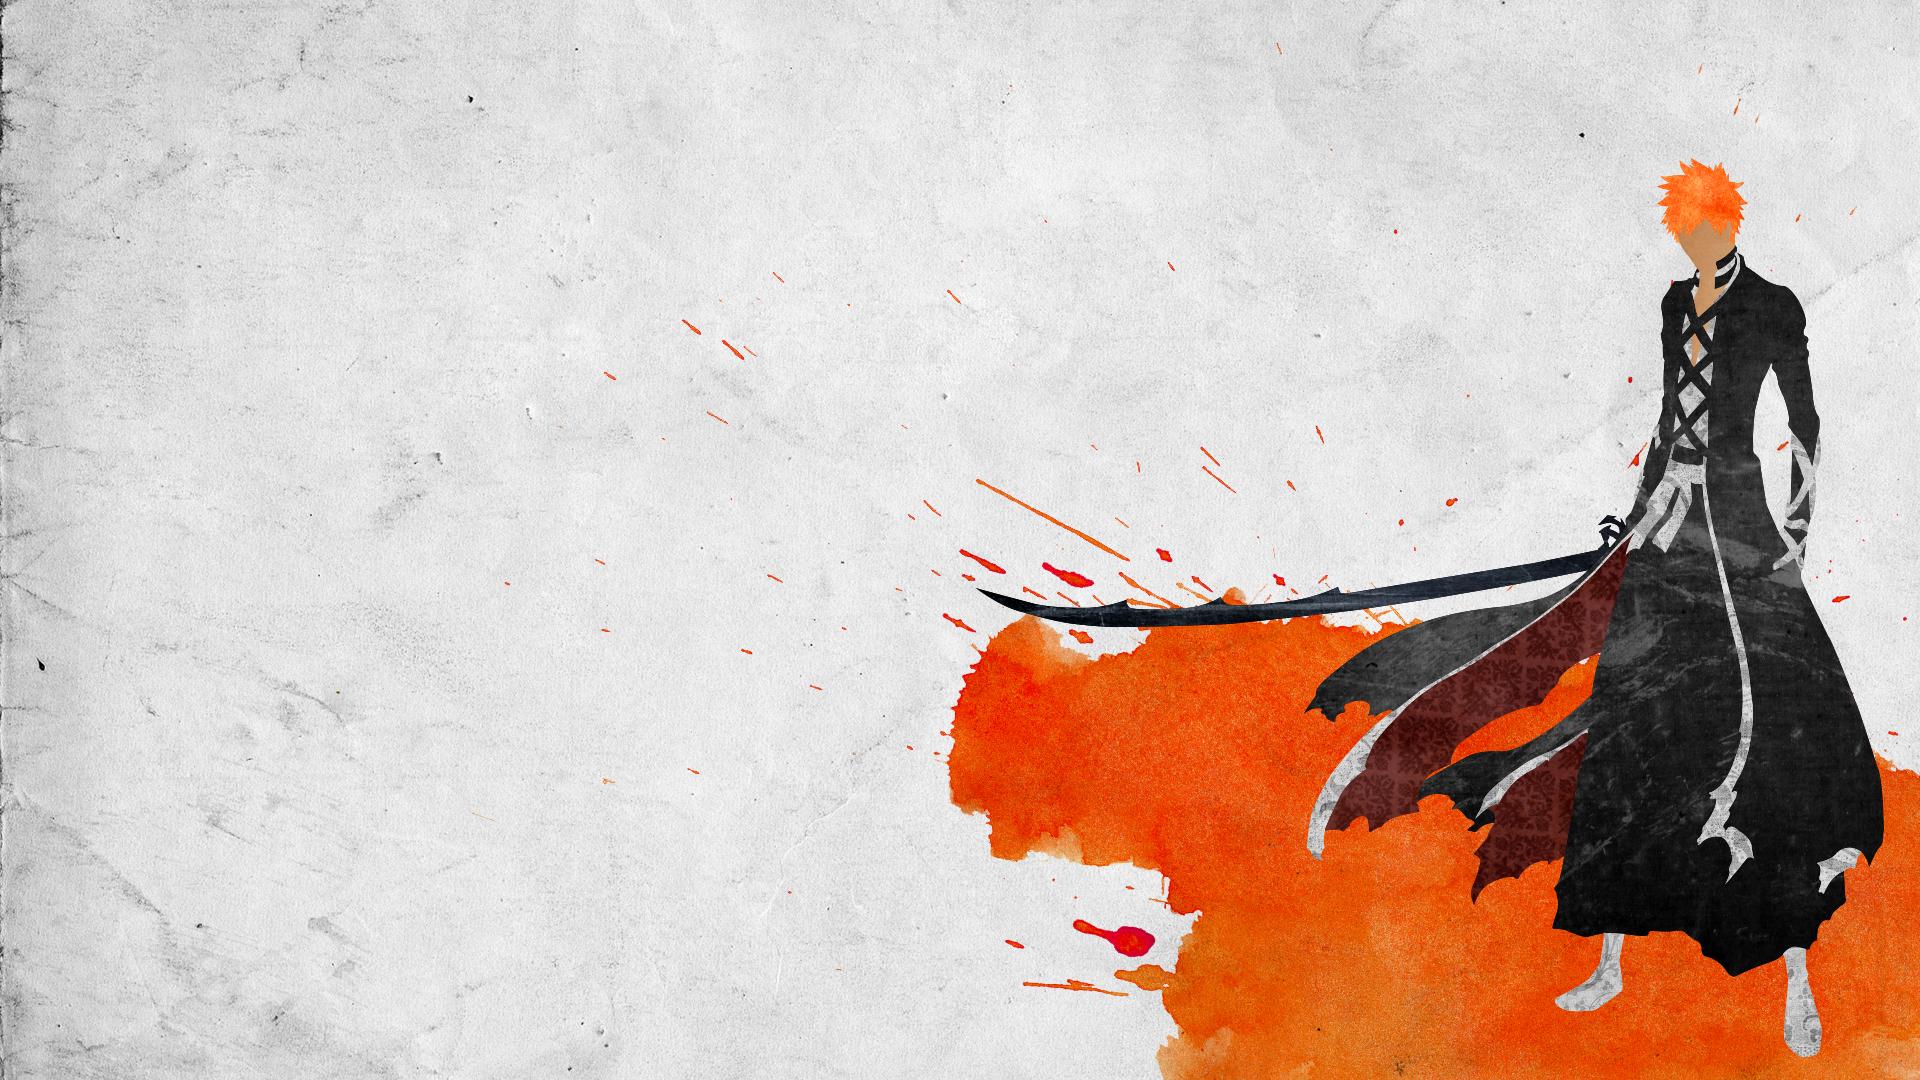 Ichigo - Bleach by doubleu42 on DeviantArt